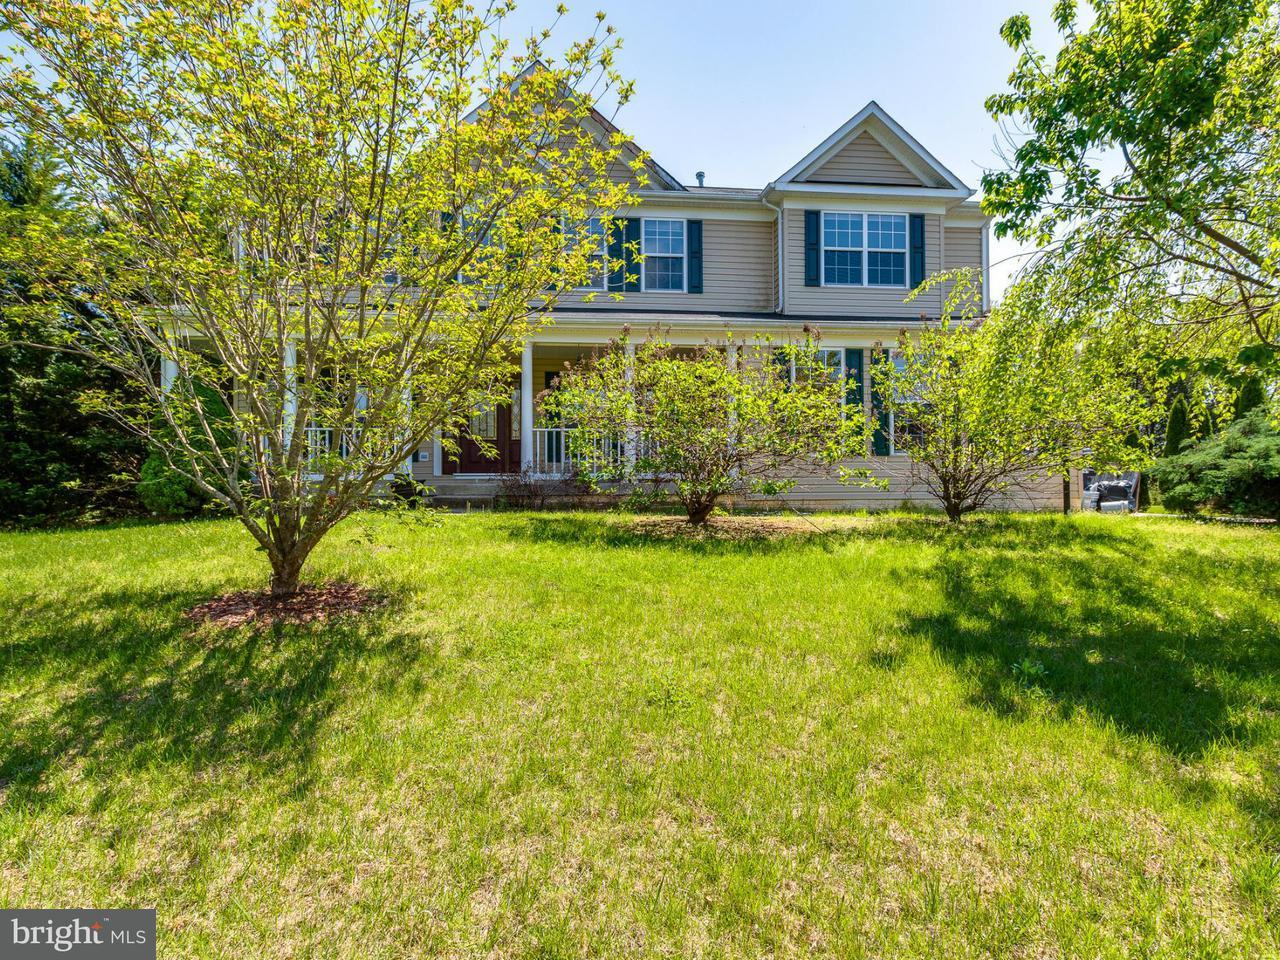 단독 가정 주택 용 매매 에 17158 PADDINGTON Court 17158 PADDINGTON Court Jeffersonton, 버지니아 22724 미국